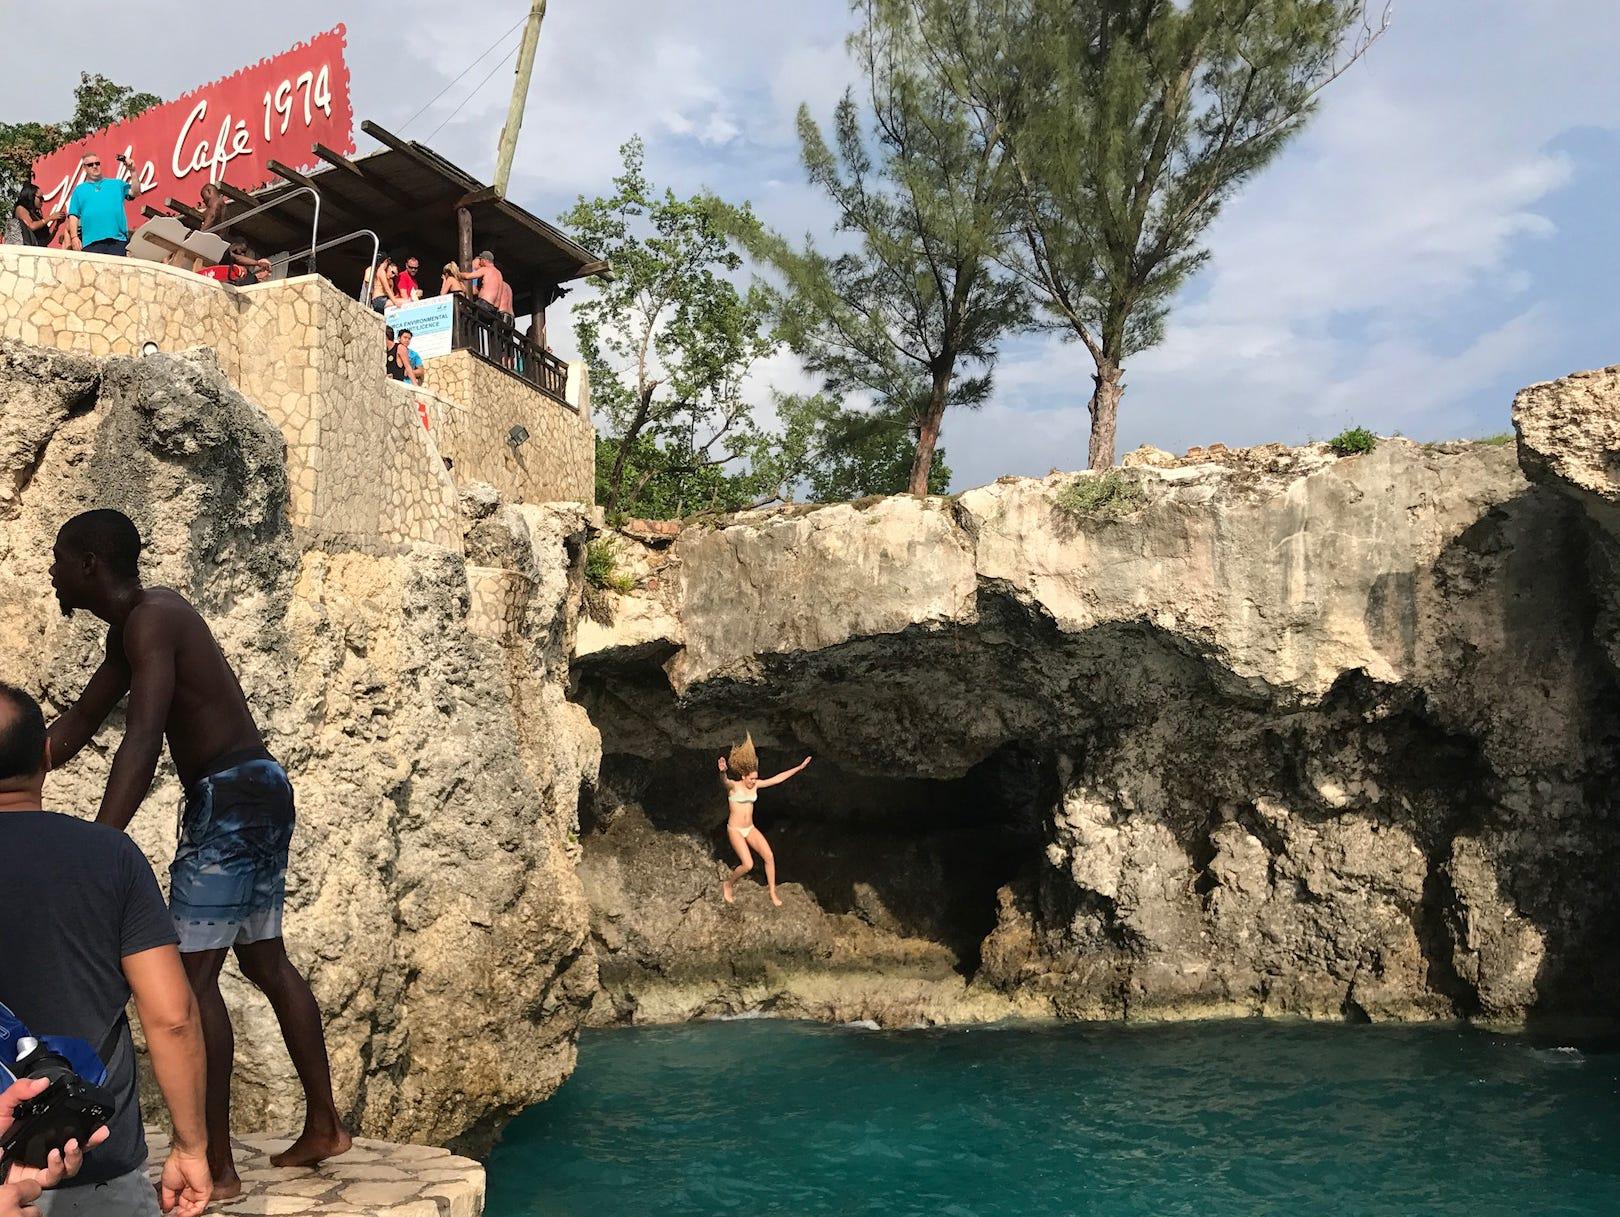 Una extraordinaria playa. Así califican los visitantes a este destino tropical en Negril, Jamaica.